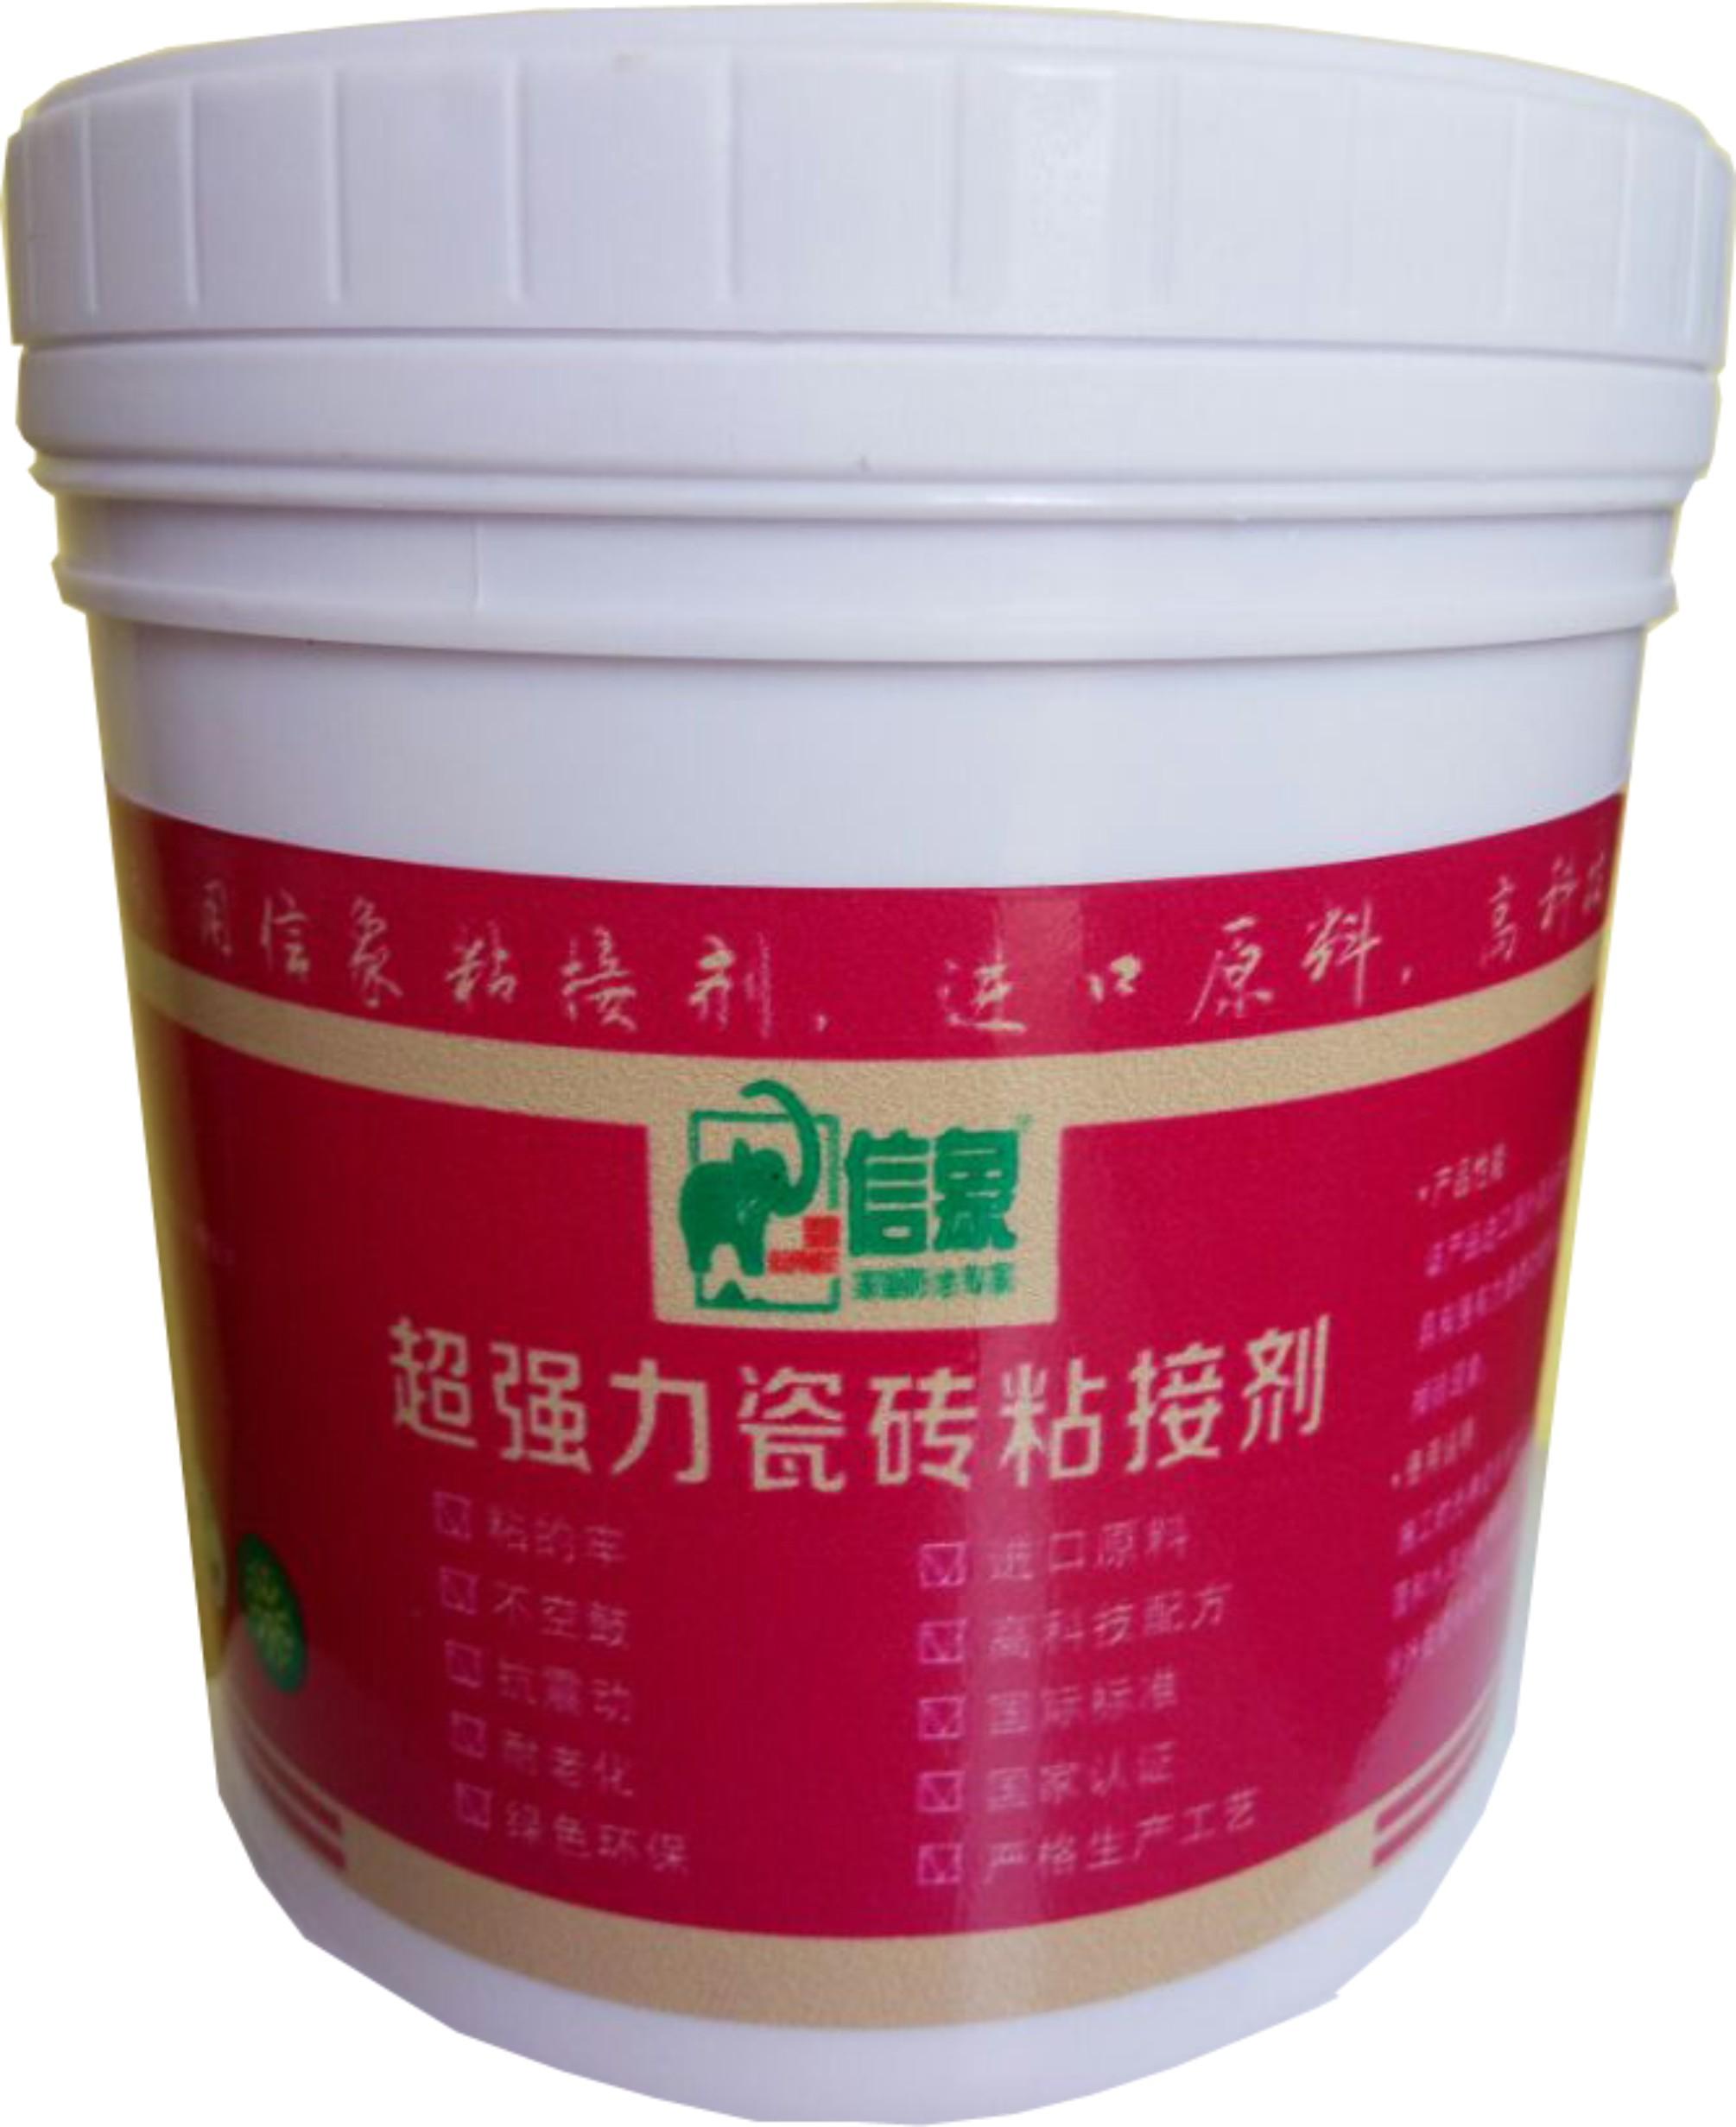 湖南瓷砖粘结剂十大品牌厂家,粘结剂价格